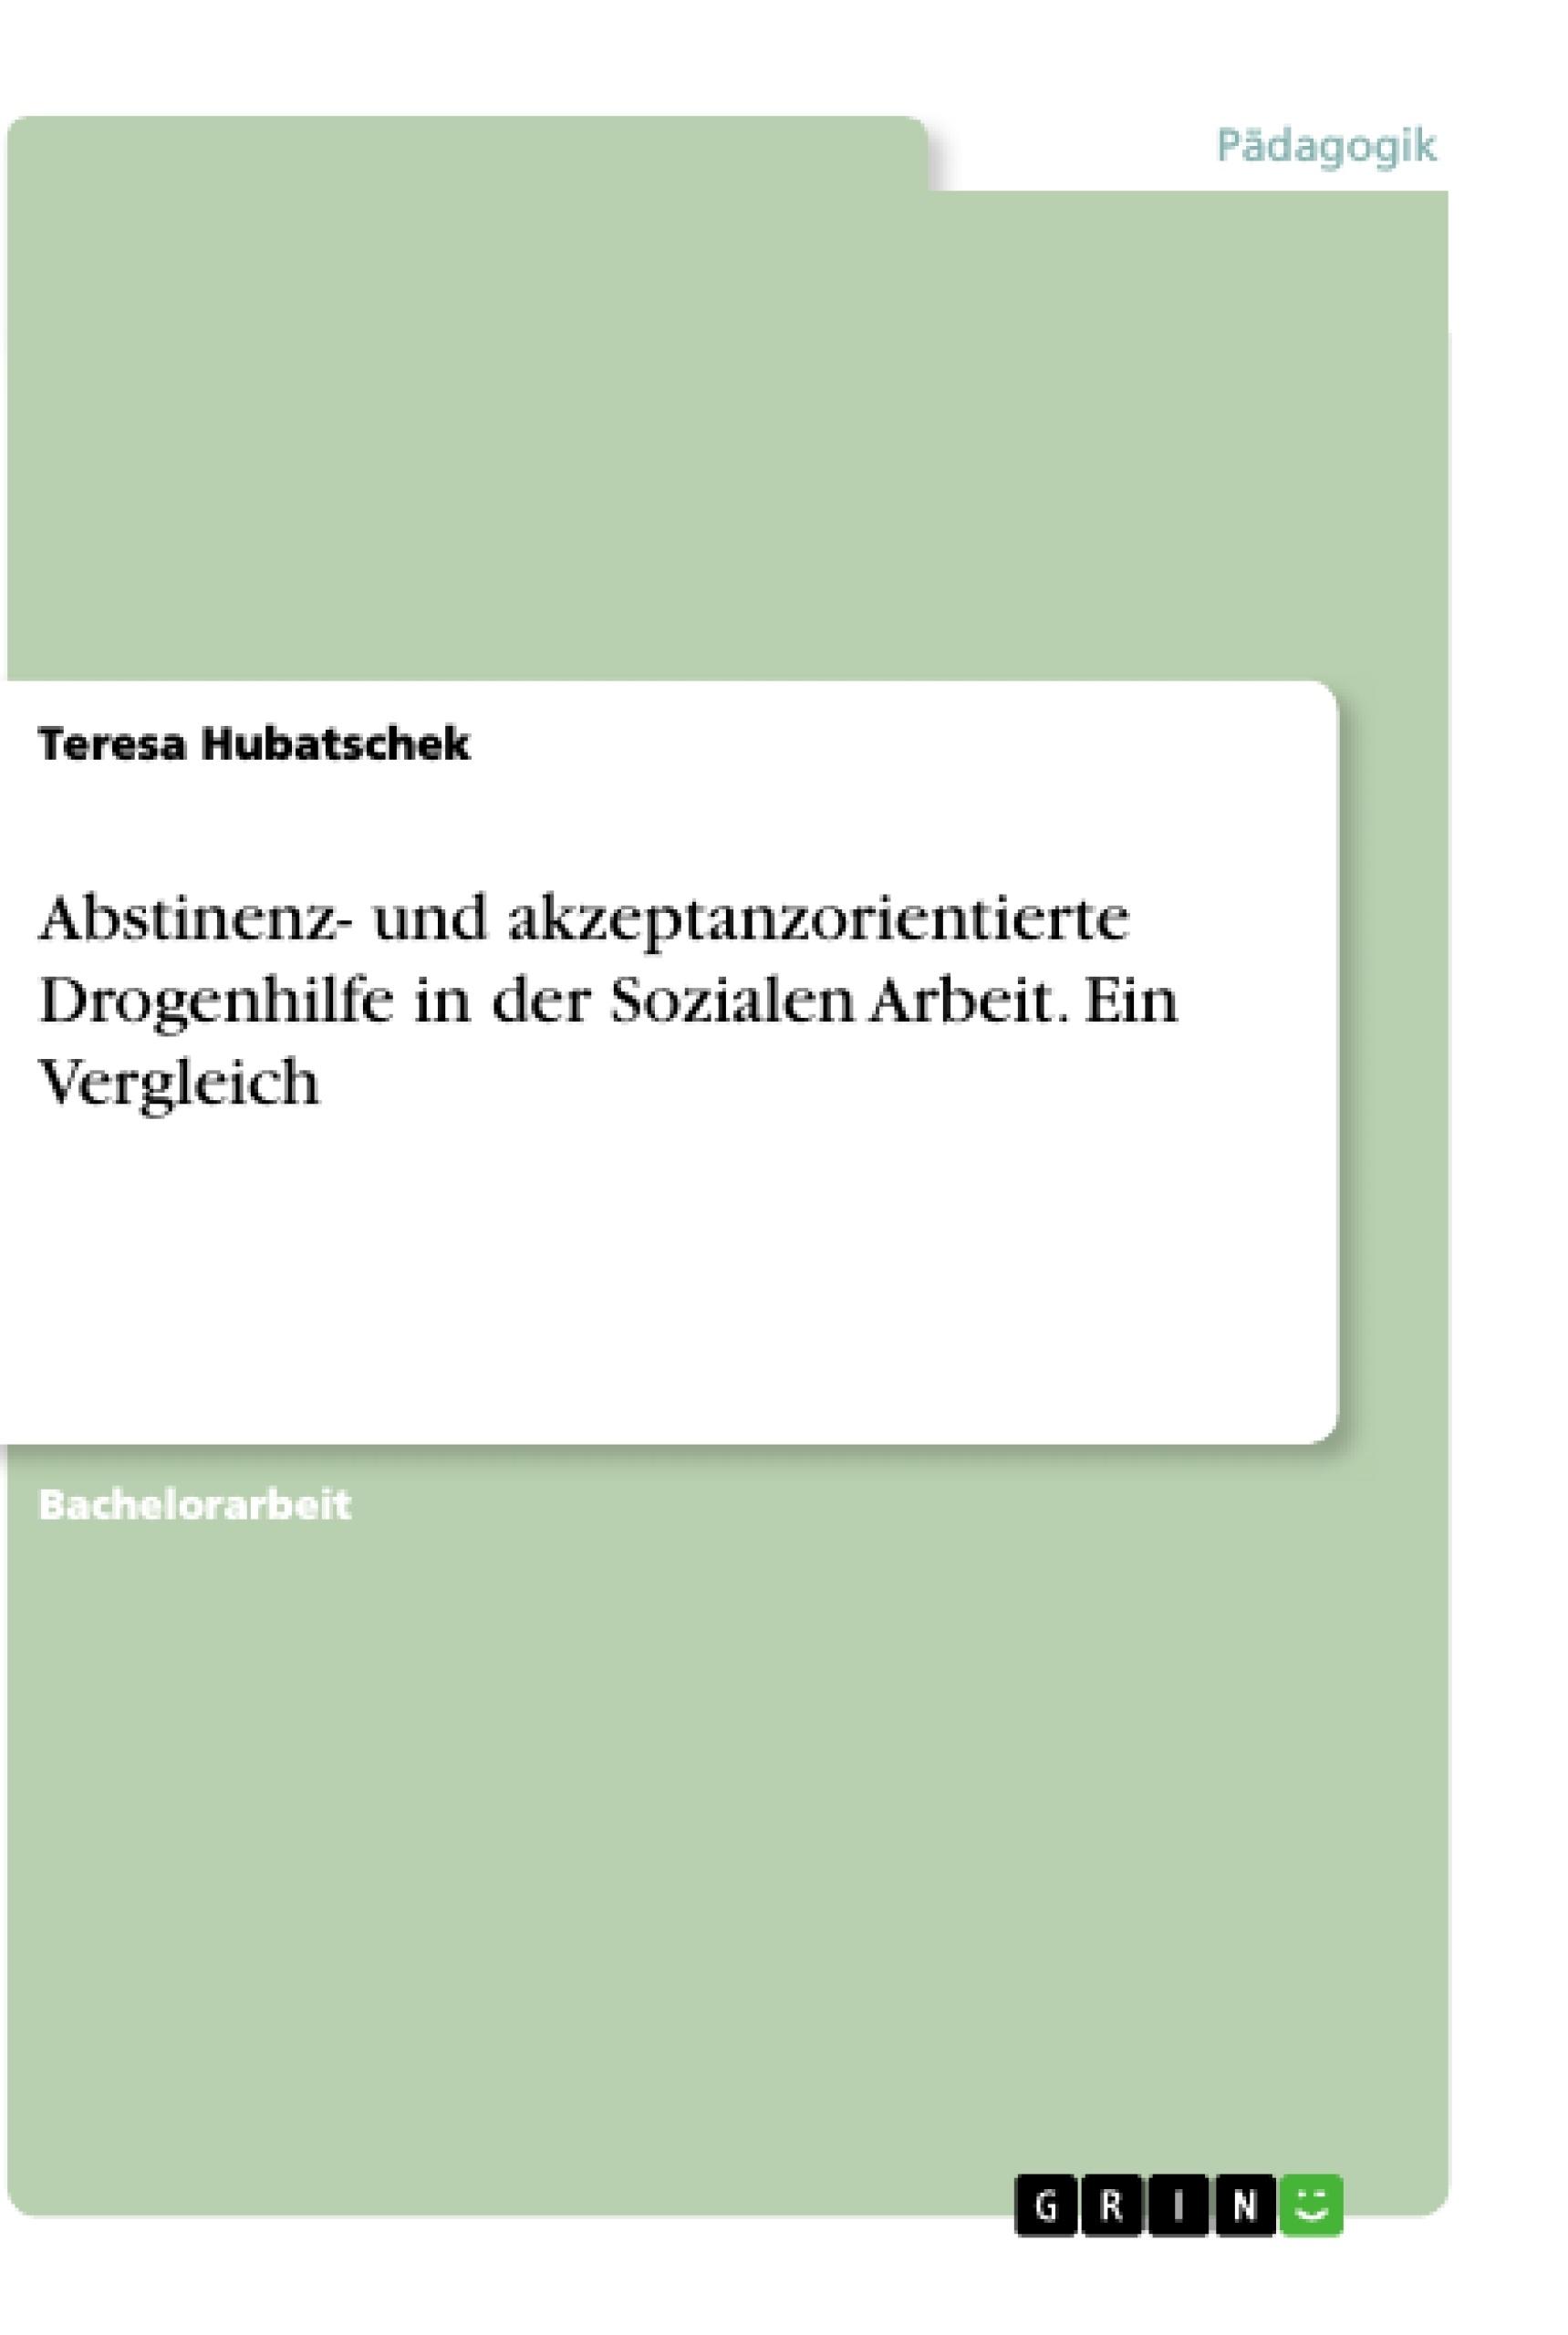 Titel: Abstinenz- und akzeptanzorientierte Drogenhilfe in der Sozialen Arbeit. Ein Vergleich